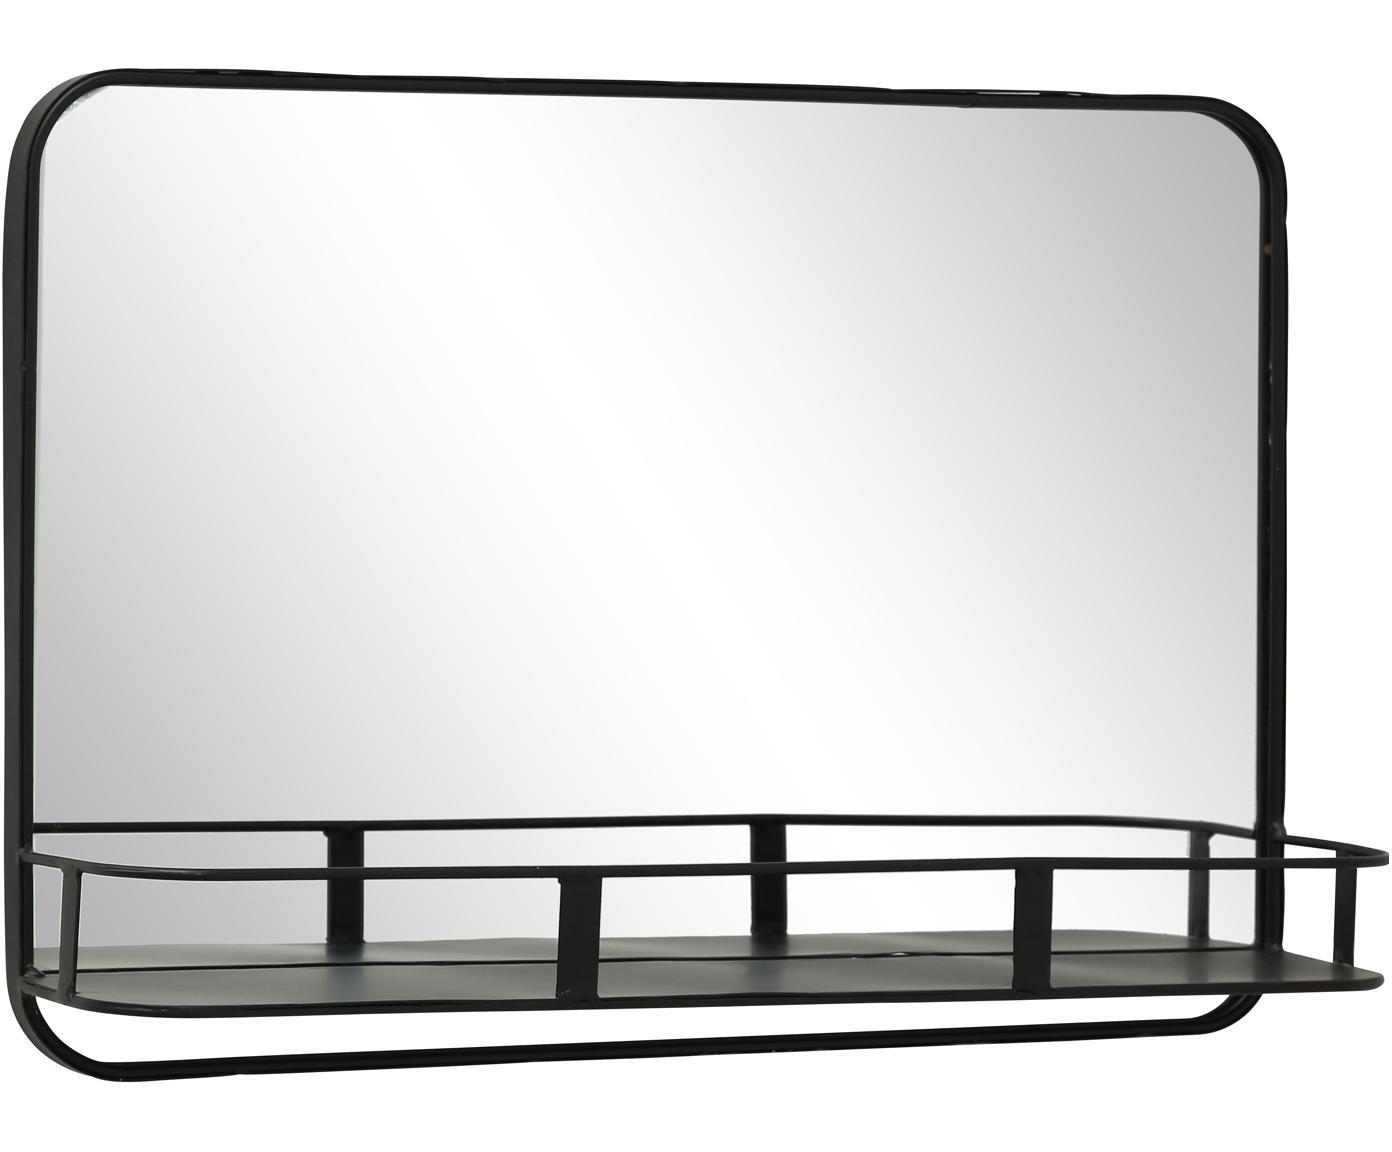 Rechthoekige wandspiegel Meno met metalen frame, Metaal, spiegelglas, Zwart, 50 x 35 cm